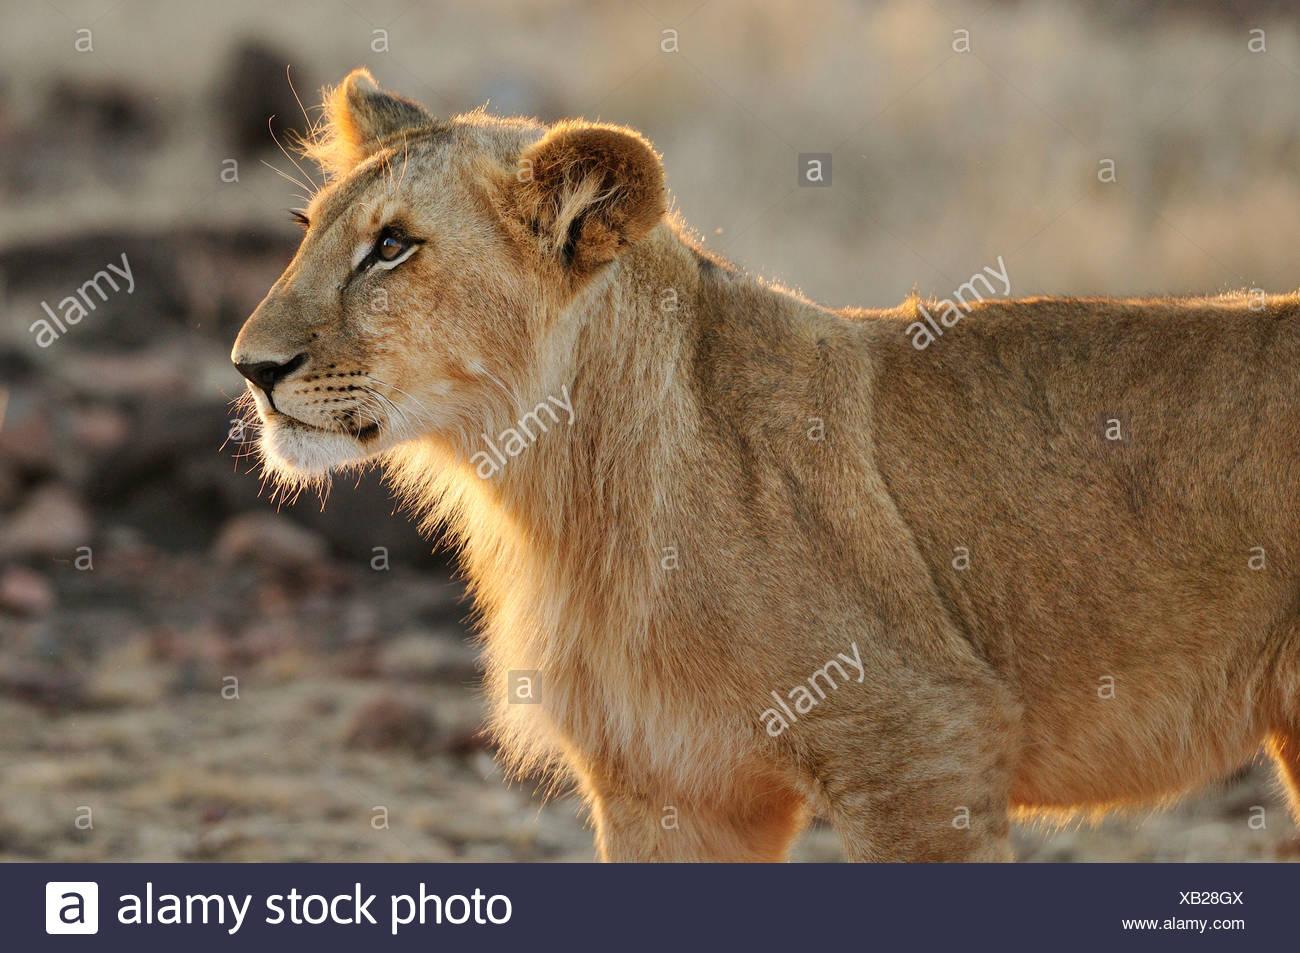 Africa, Zimbabwe, Victoria Falls, Lion, leo, animal - Stock Image